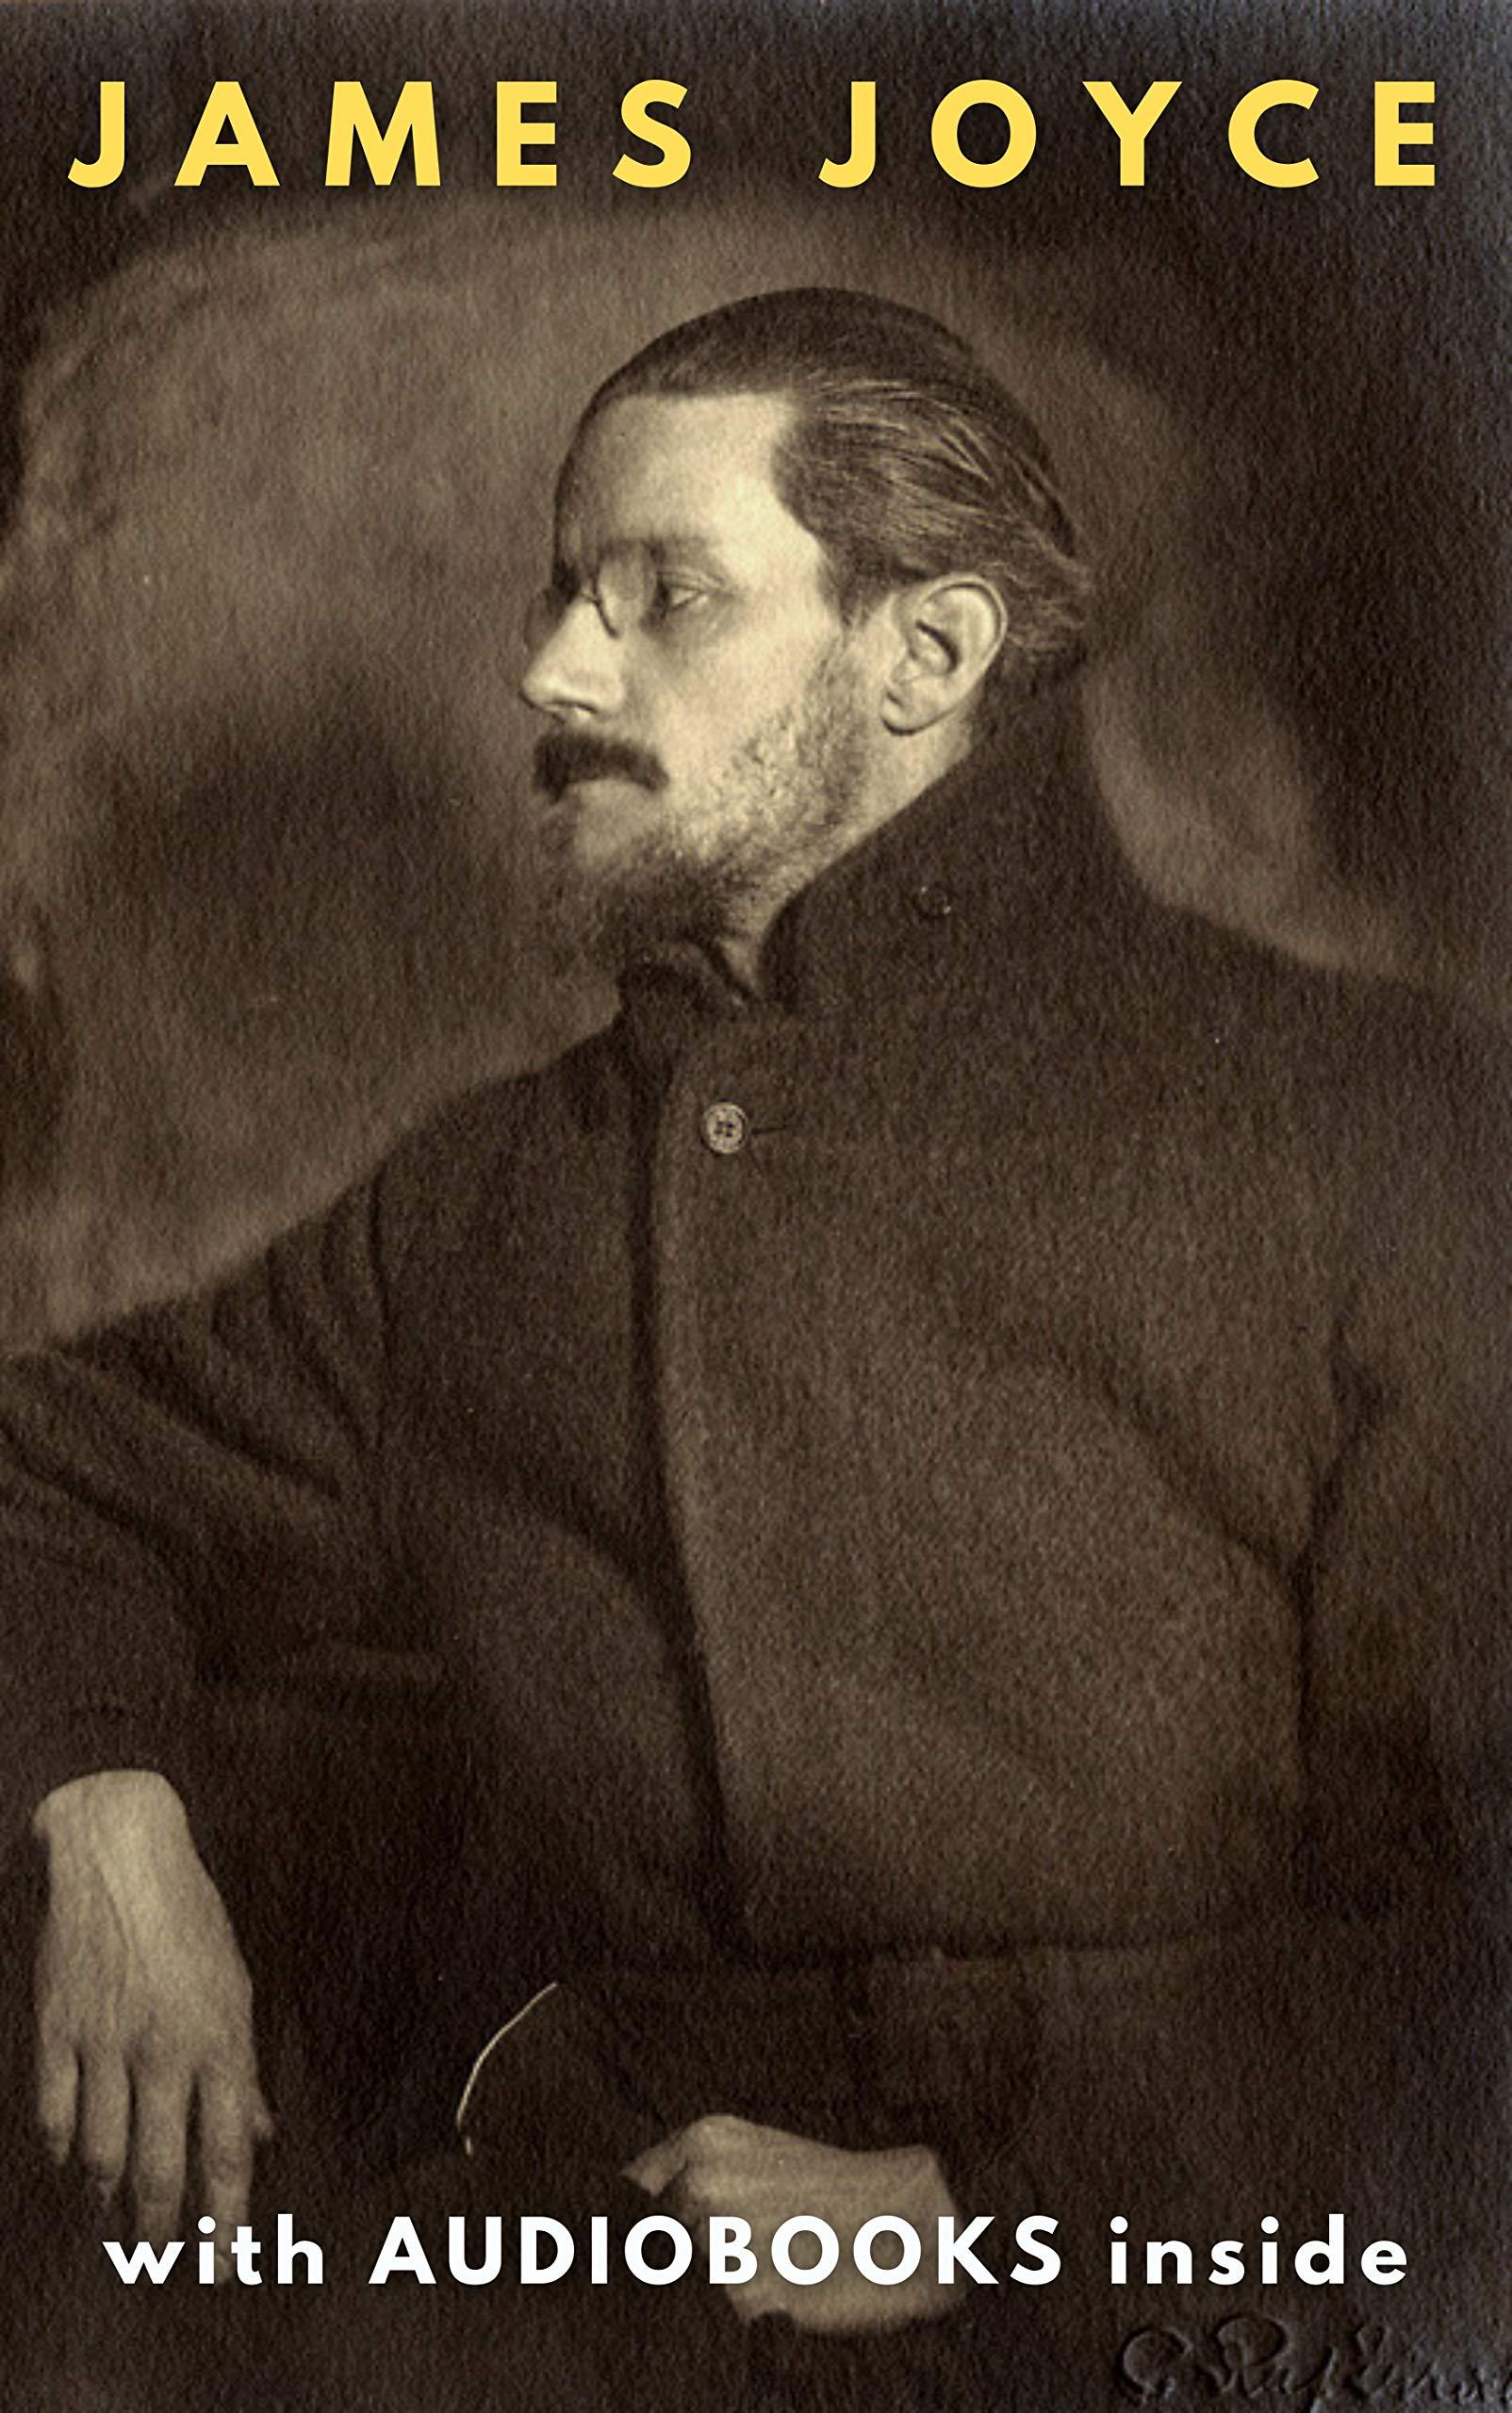 James Joyce (6 books): Ulysses, Dubliners, Finnegans Wake... WITH AUDIOBOOKS